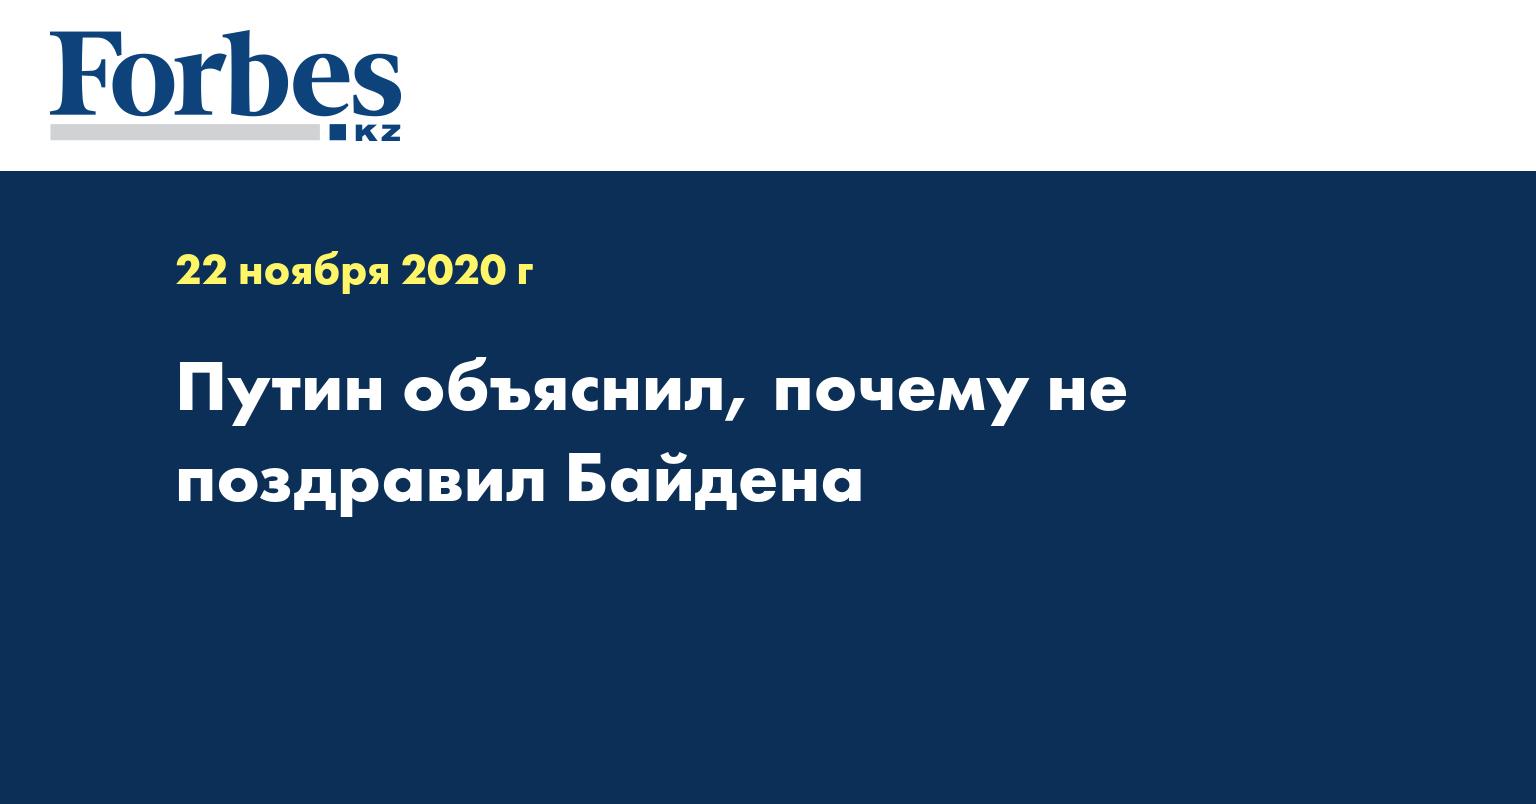 Путин объяснил, почему не поздравил Байдена